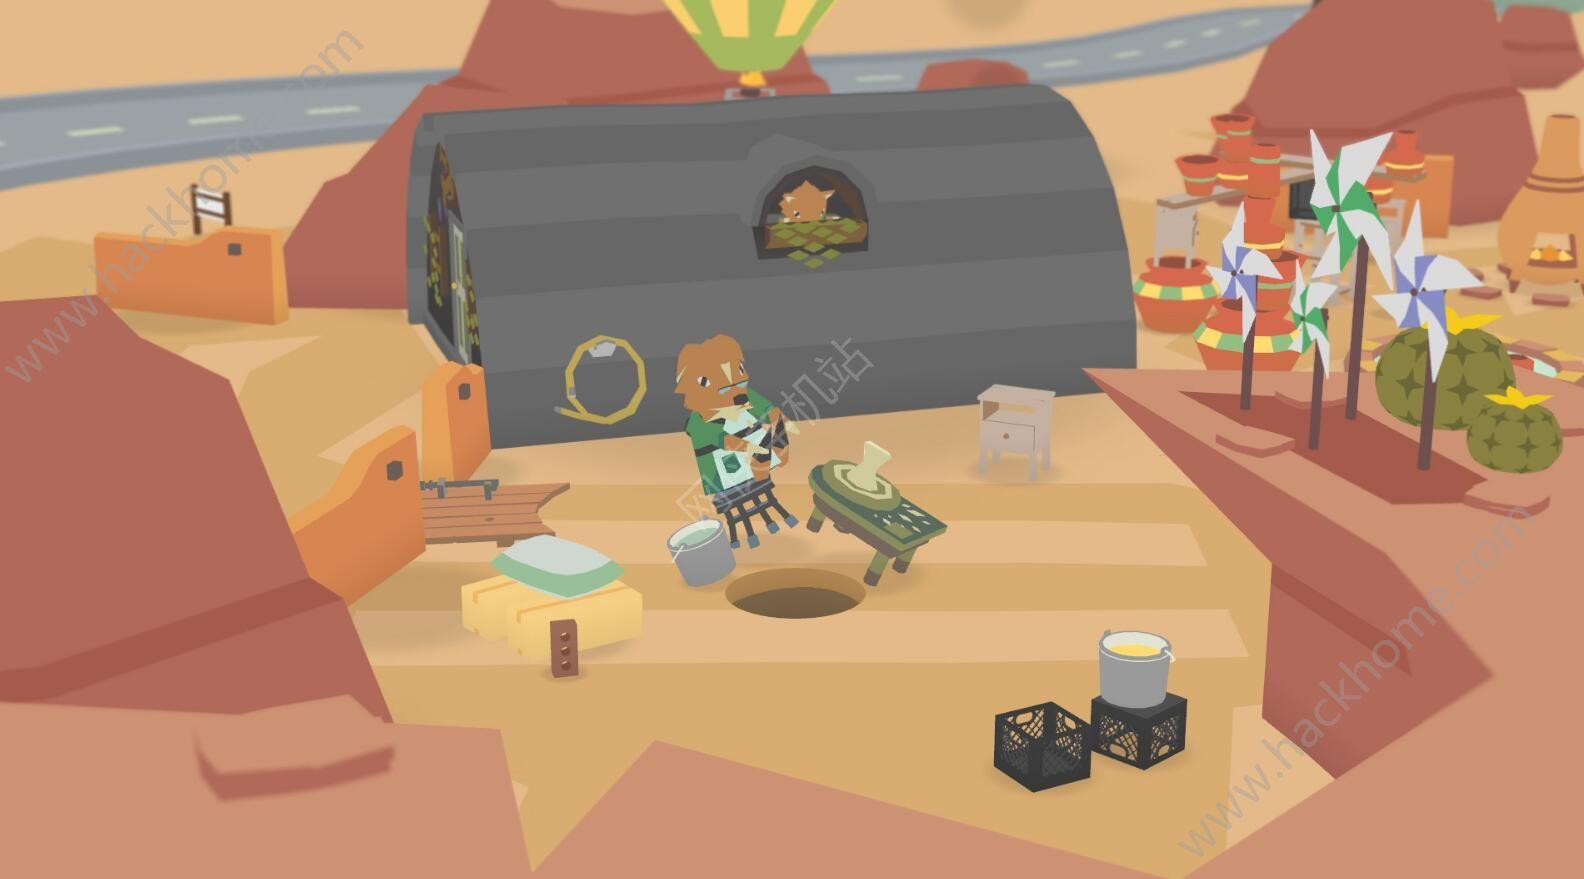 甜甜圈国度游戏ios版下载图1: